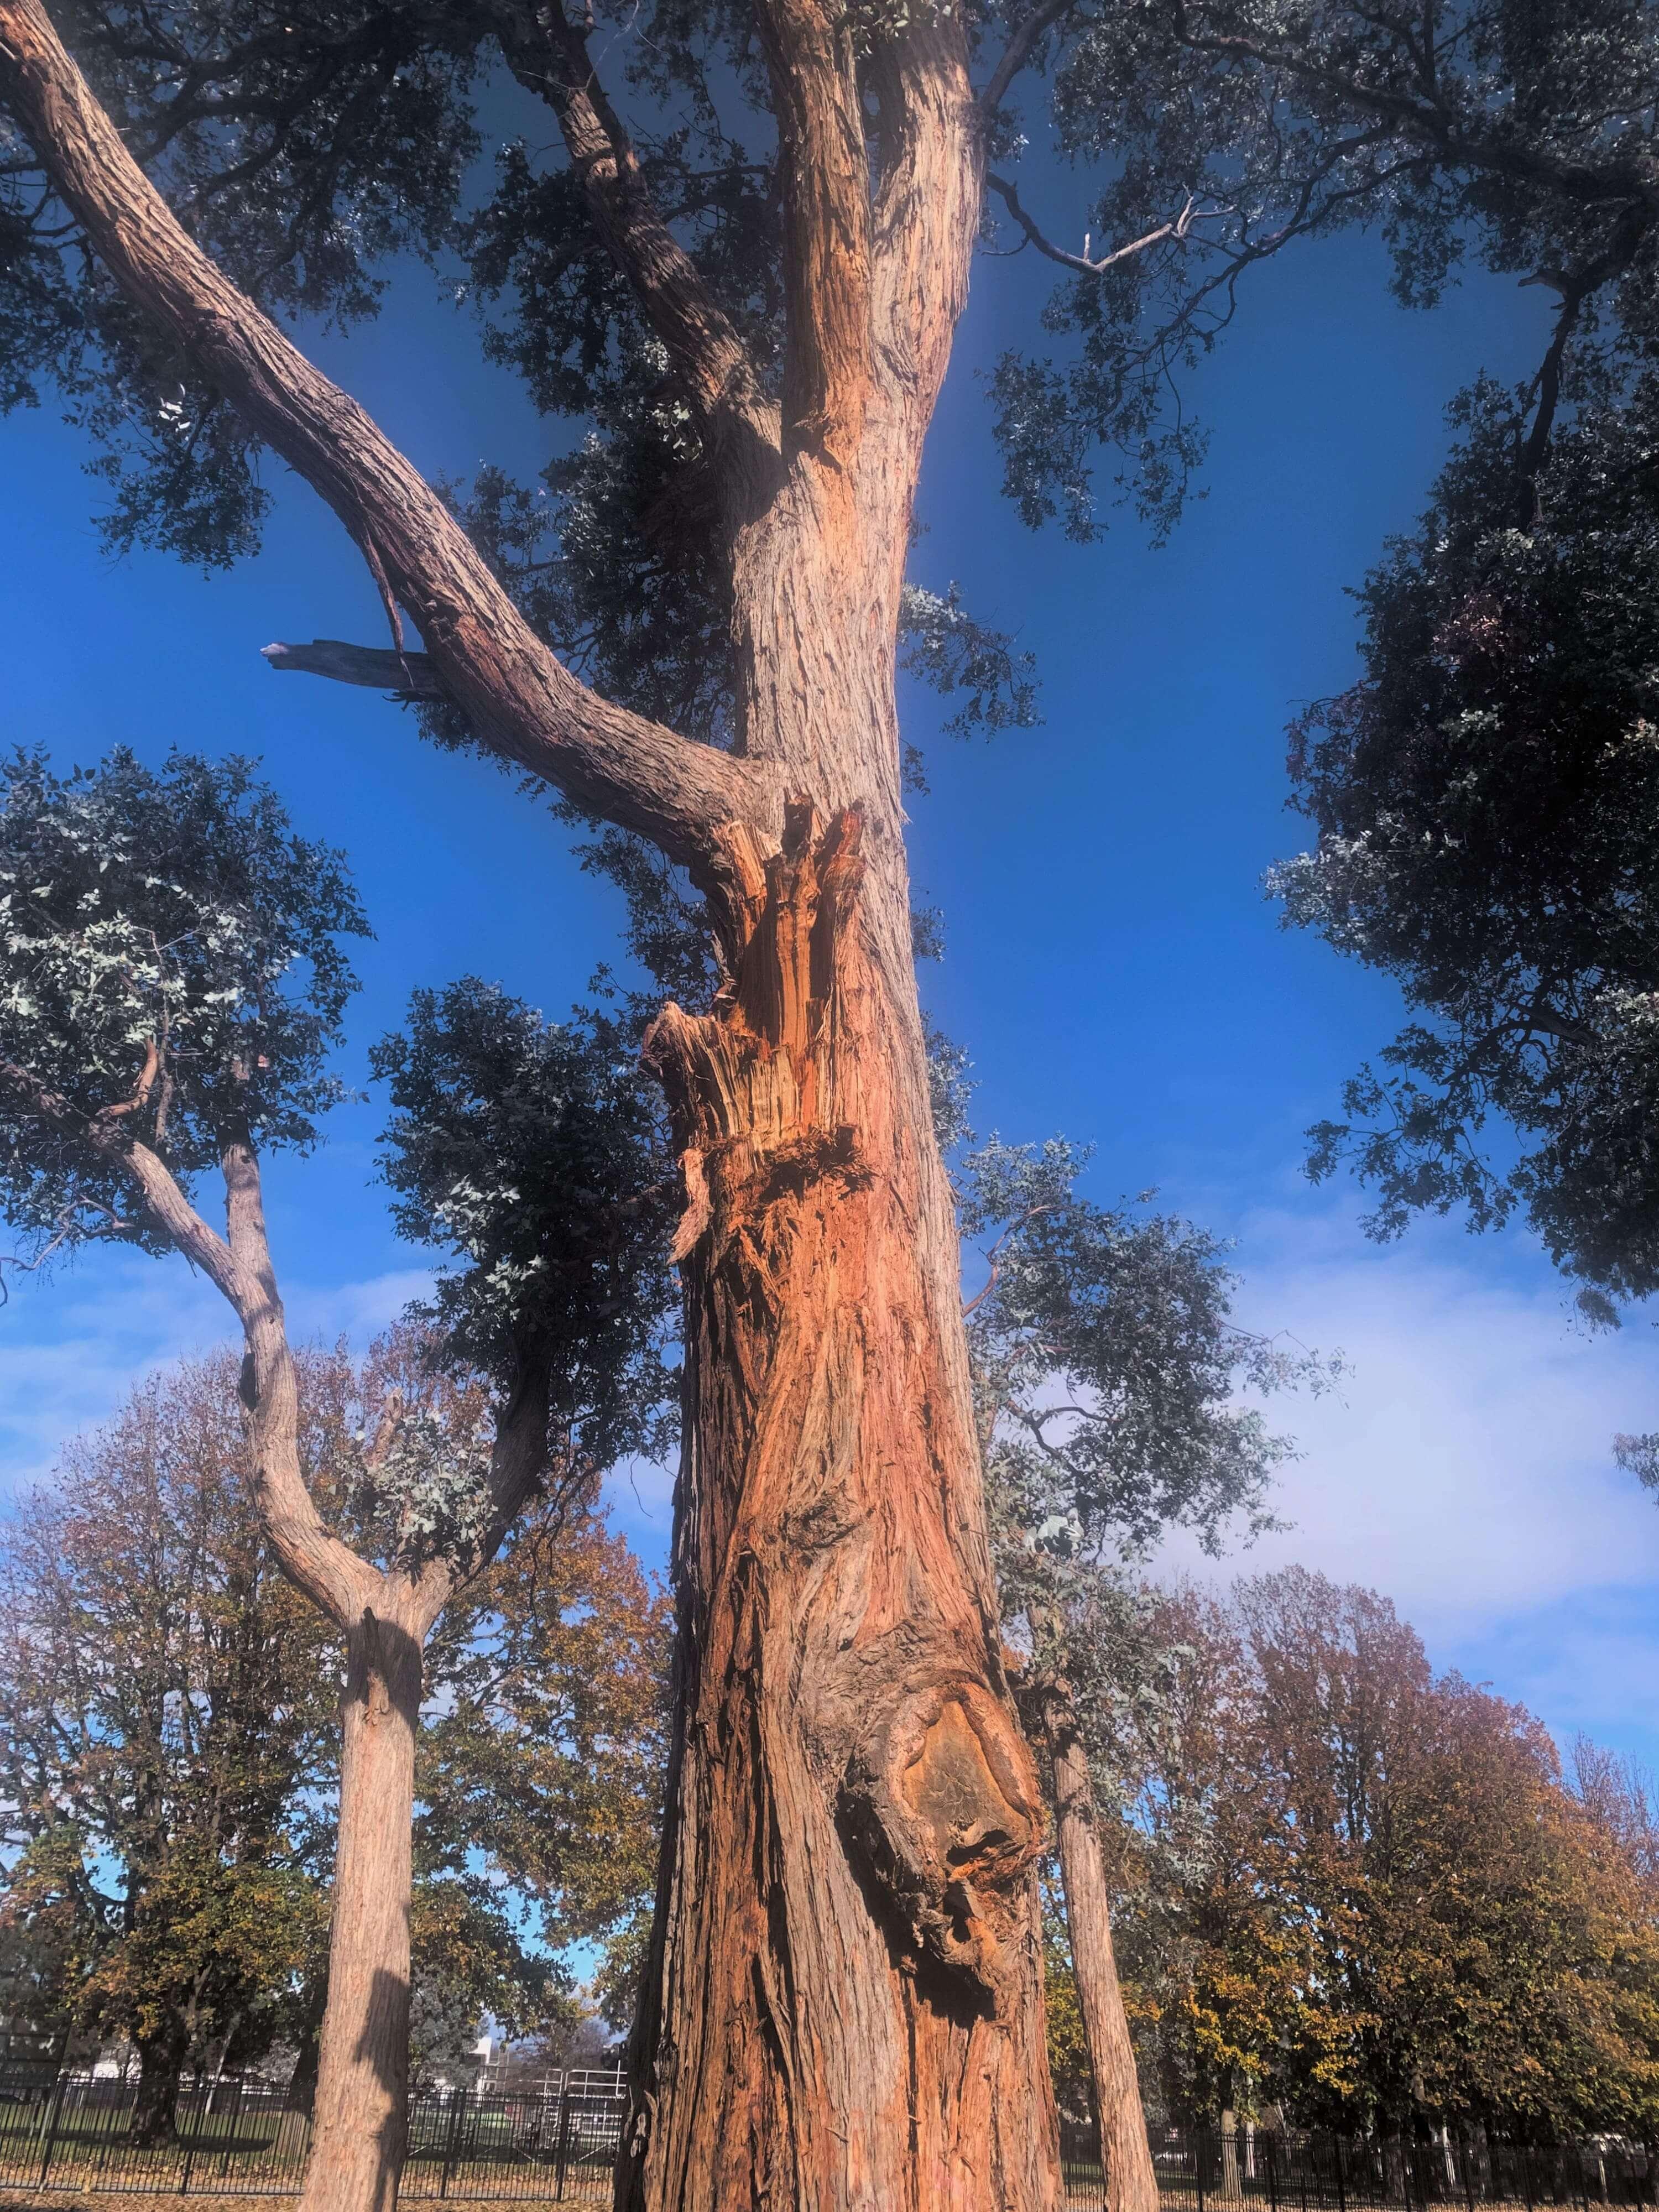 photo of a eucalyptus tree bark